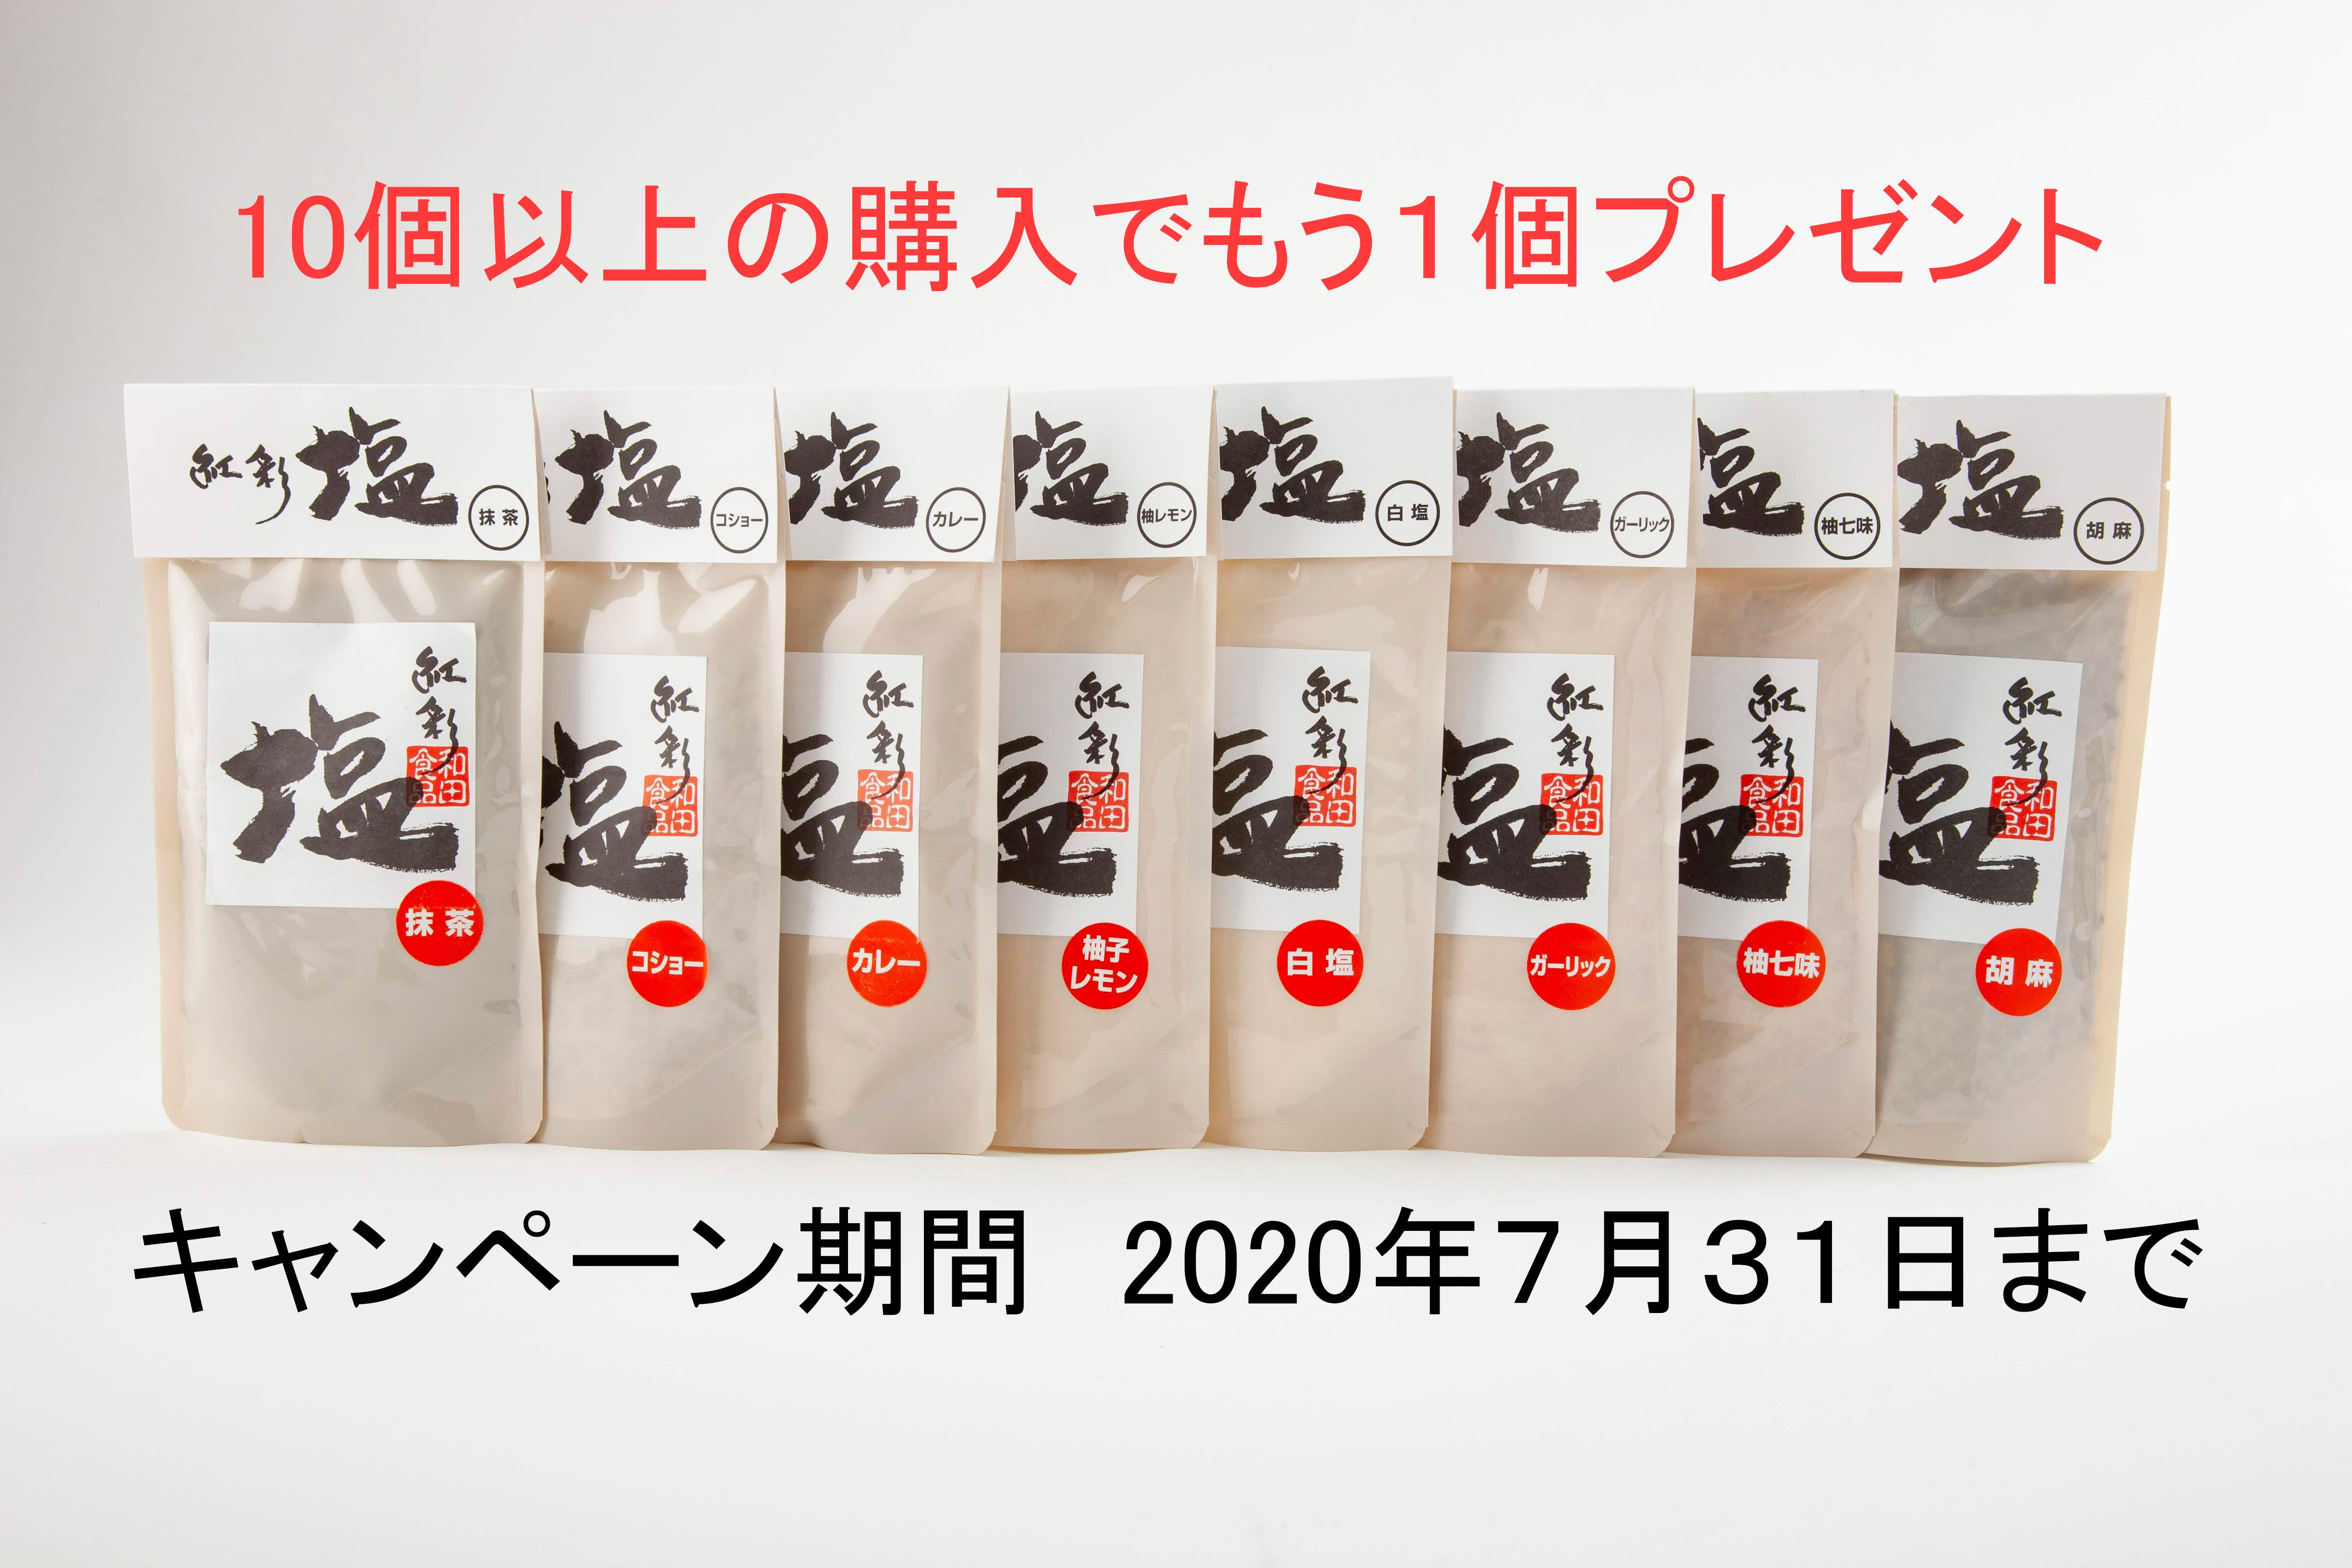 紅彩塩ご購入キャンペーン